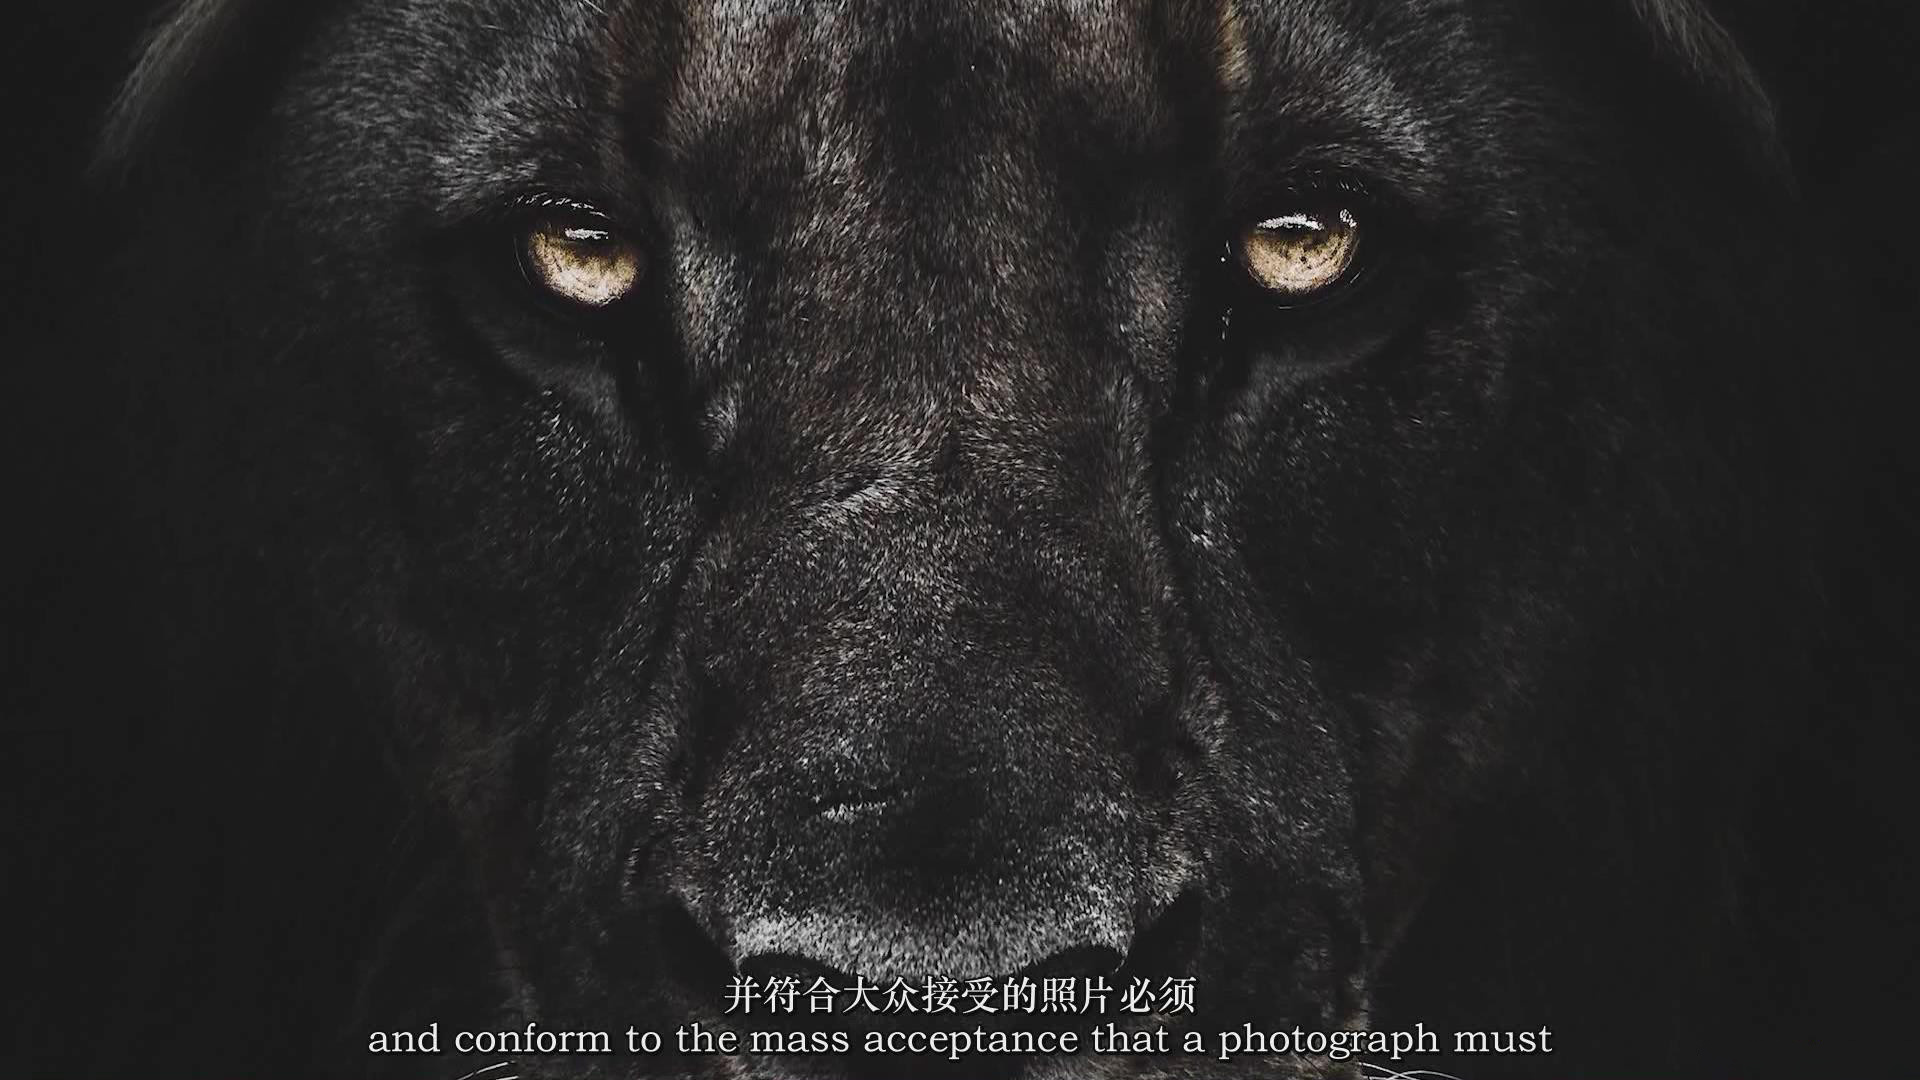 摄影教程_Chase Teron的终极野生动物摄影及后期套装教程附RAW素材-中英字幕 摄影教程 _预览图5